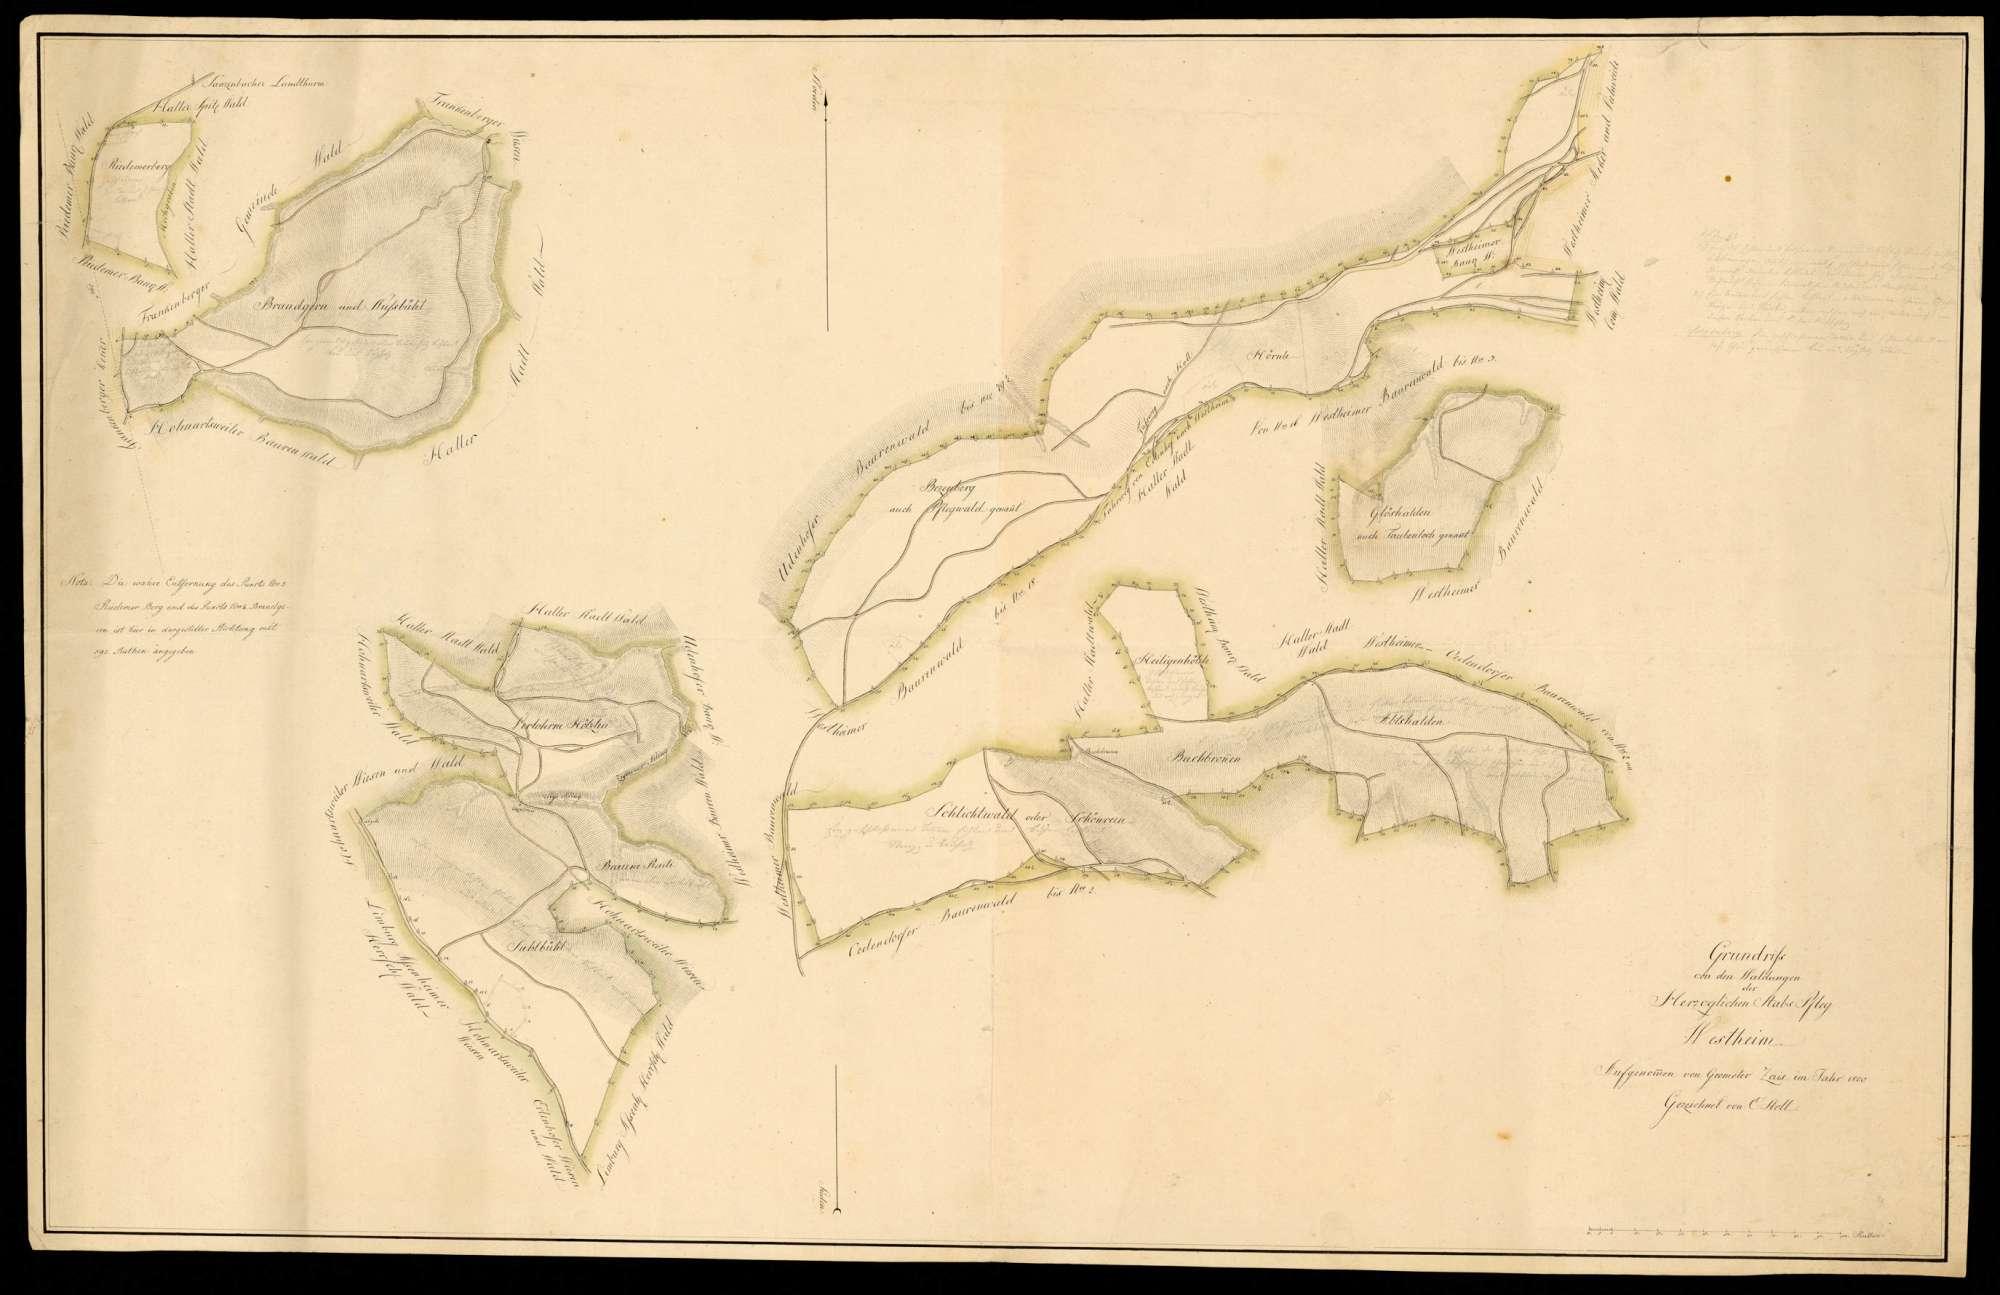 """""""Grundriss von den Waldungen der herzoglichen Stabspflege Westheim aufgenommen von Geometer Zais im Jahre 1800, gezeichnet von E. Stoll"""", Bild 1"""